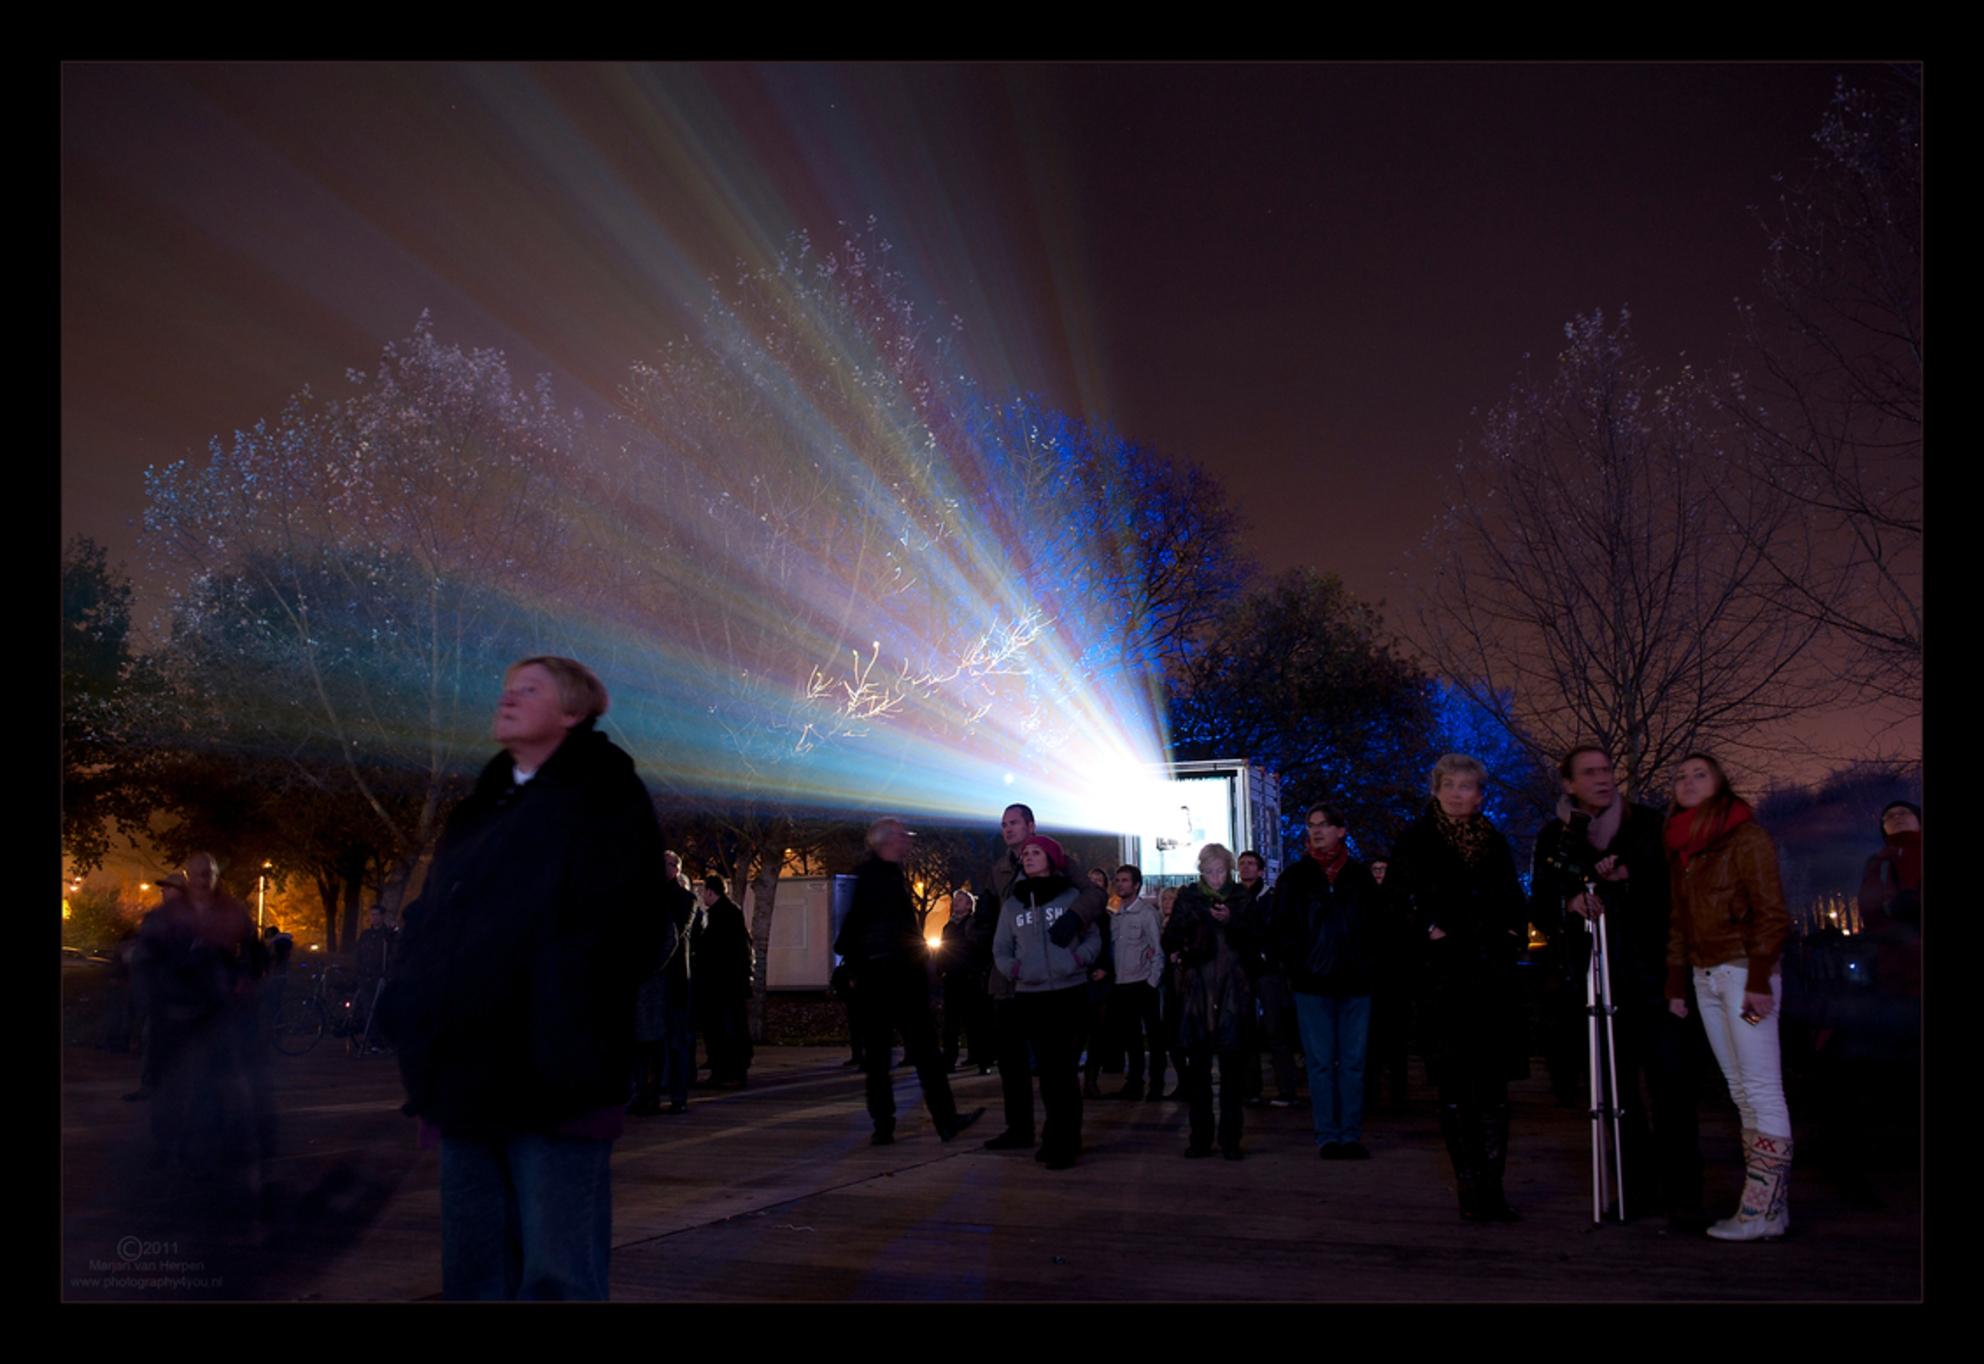 Vol bewondering! - Vol bewondering kijken naar prachtig licht tijdens de lichtshows bij Glow Eindhoven. Hoewel het spektakel zich buiten de foto bevind, is de lichtstra - foto door mvanherpen op 09-03-2012 - deze foto bevat: licht, eindhoven, nacht, glow, sfeer, bewondering, lichtshow, lichtbundel, lichtstraal